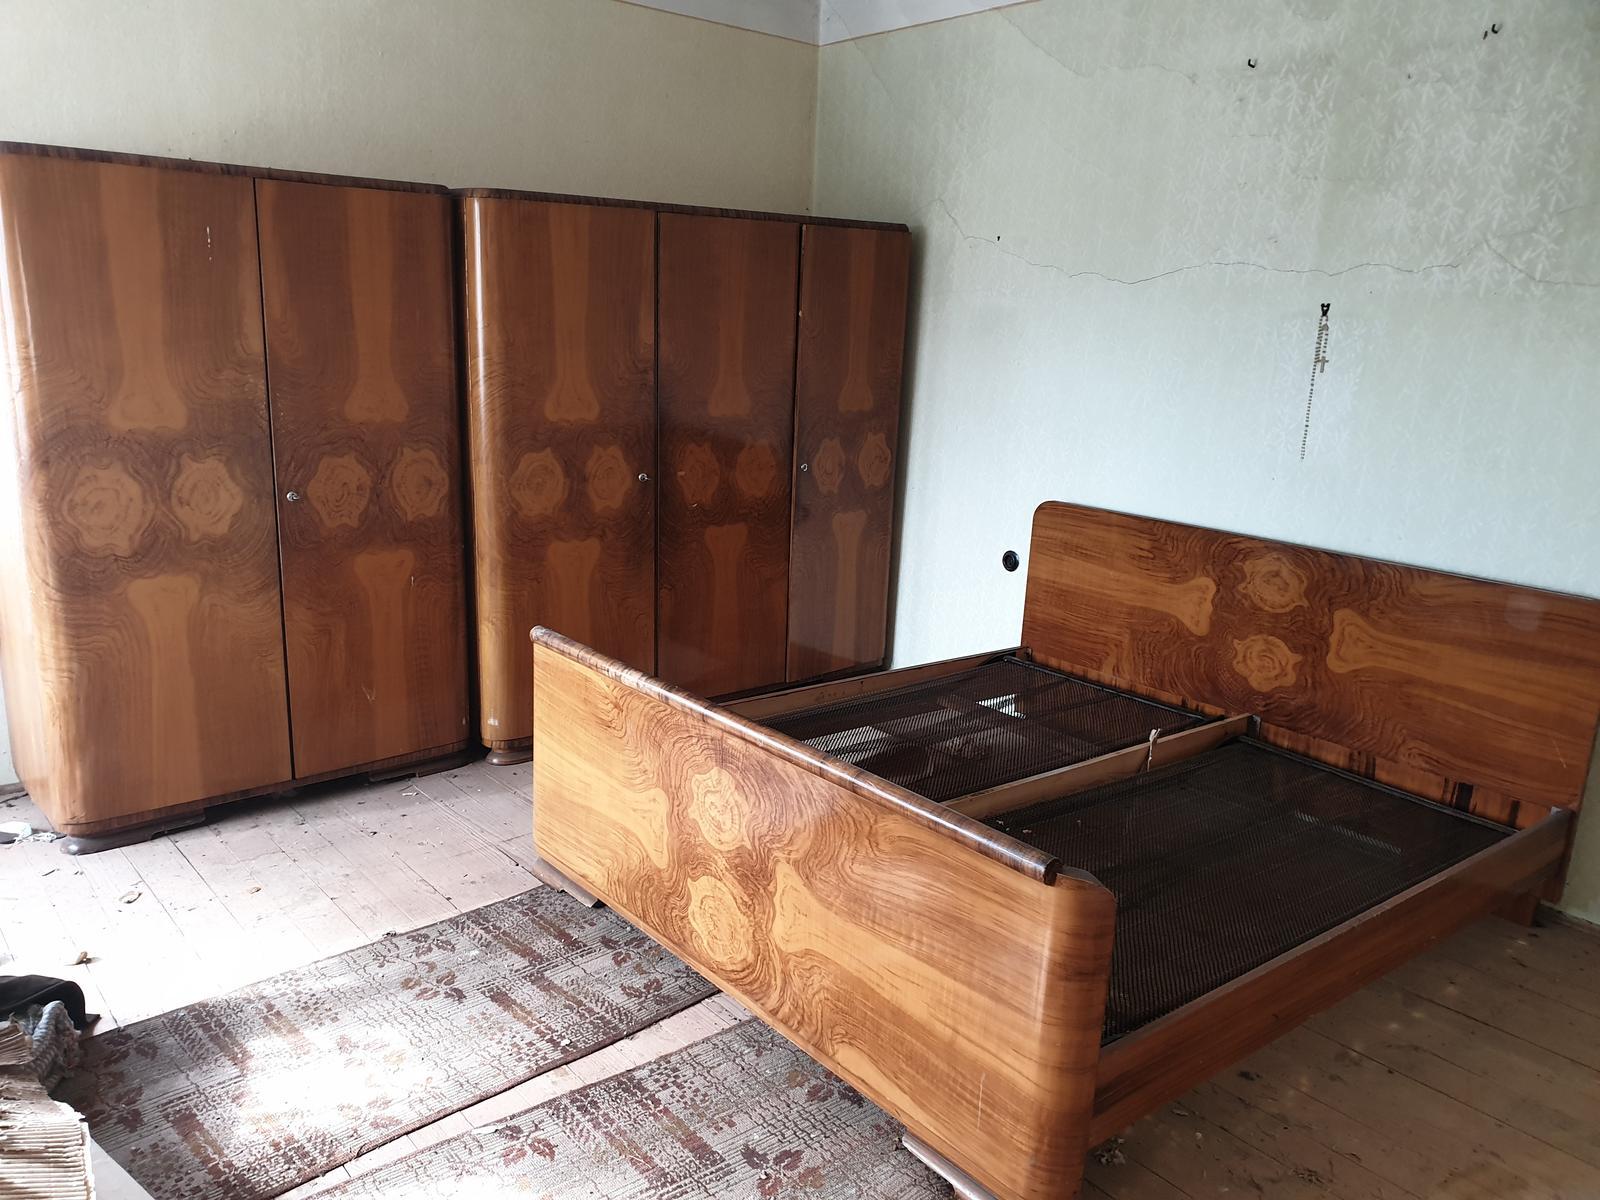 Rekonštrukcia domu-alebo chceme si splniť sen =》🏠🌻🌼🐶  mat domcek a vratit sa na Slovensko - Obrázok č. 56